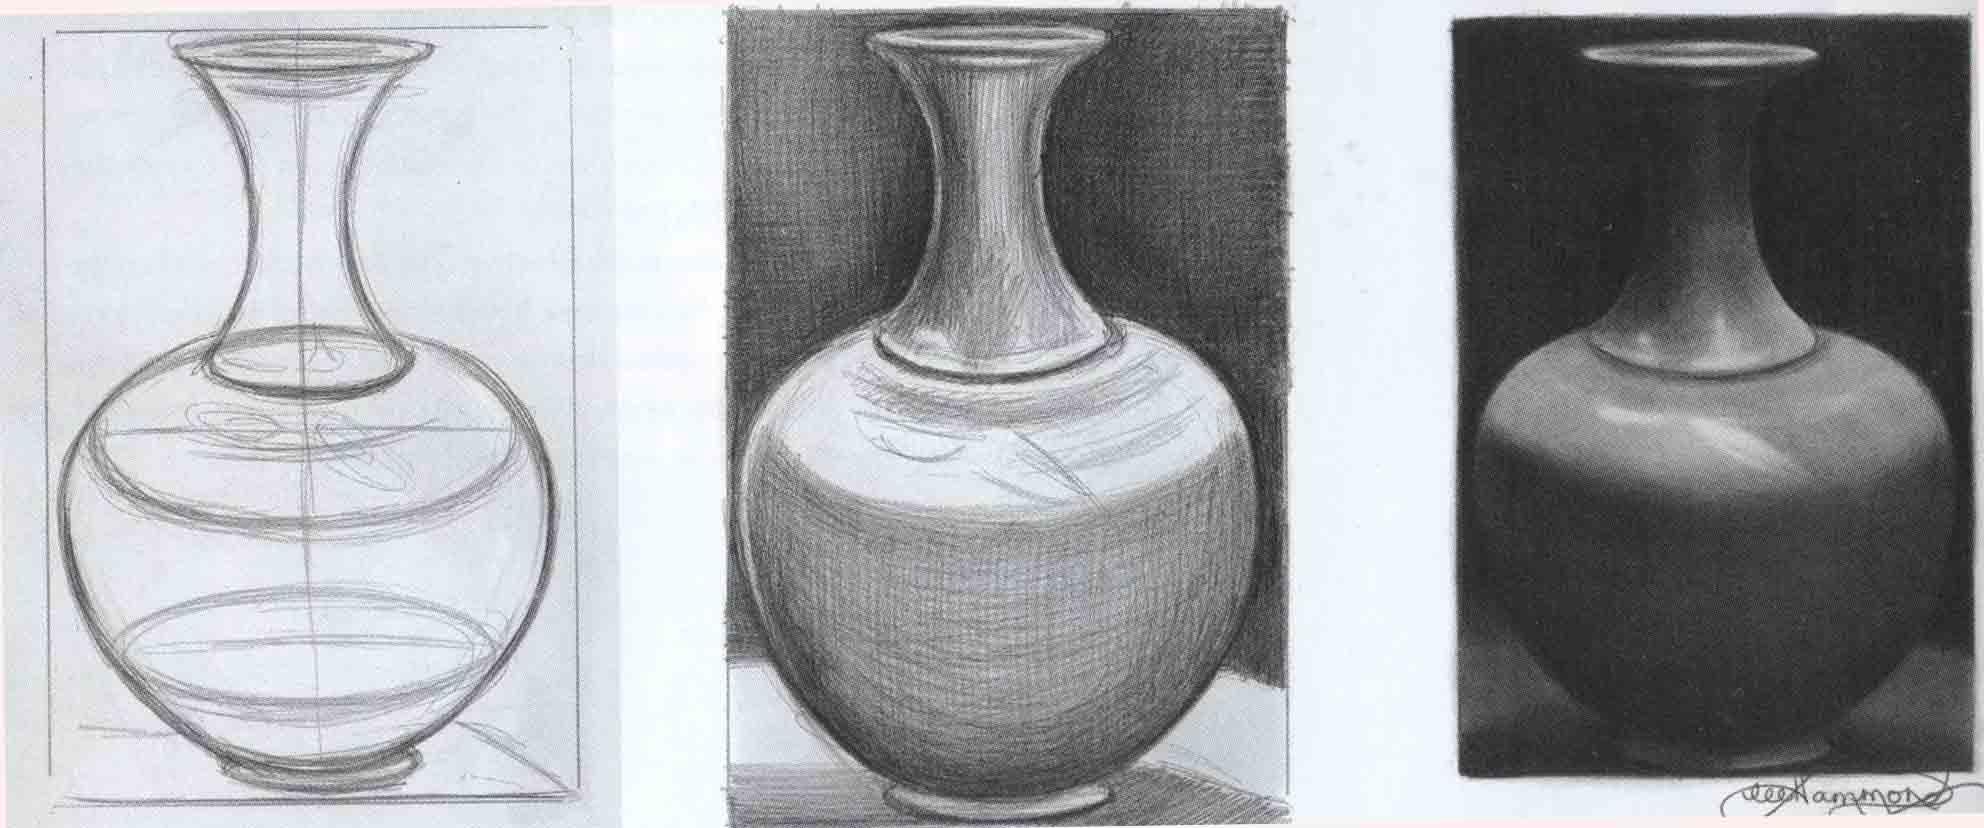 академический рисунок вазы карандашом или углем